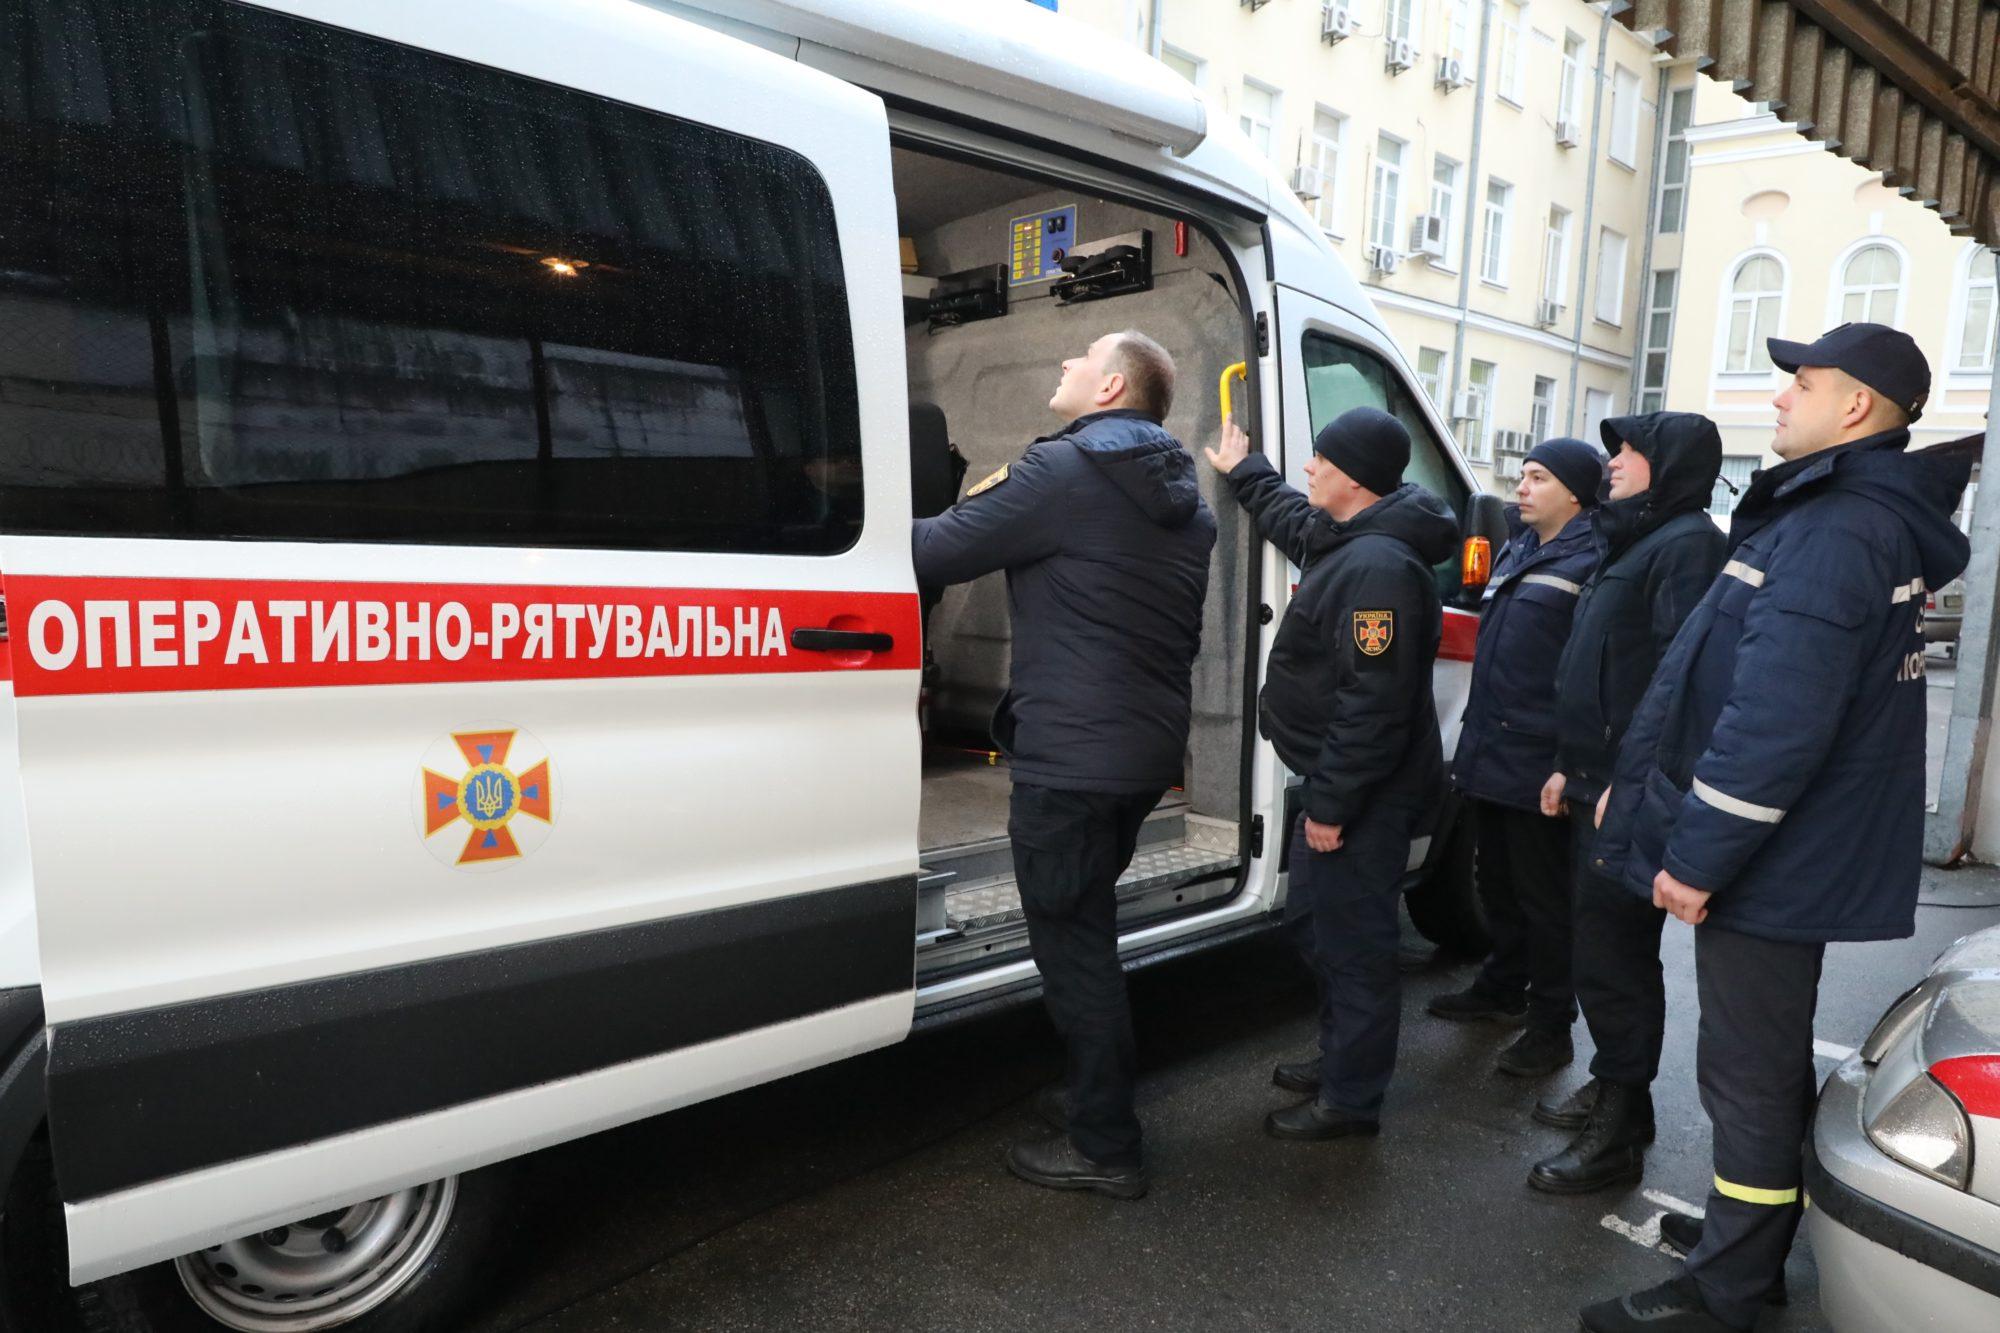 Напередодні Різдва українські рятувальники перейшли на посилений режим служби - рятувальники, ДСНС - fivfiv 2000x1333